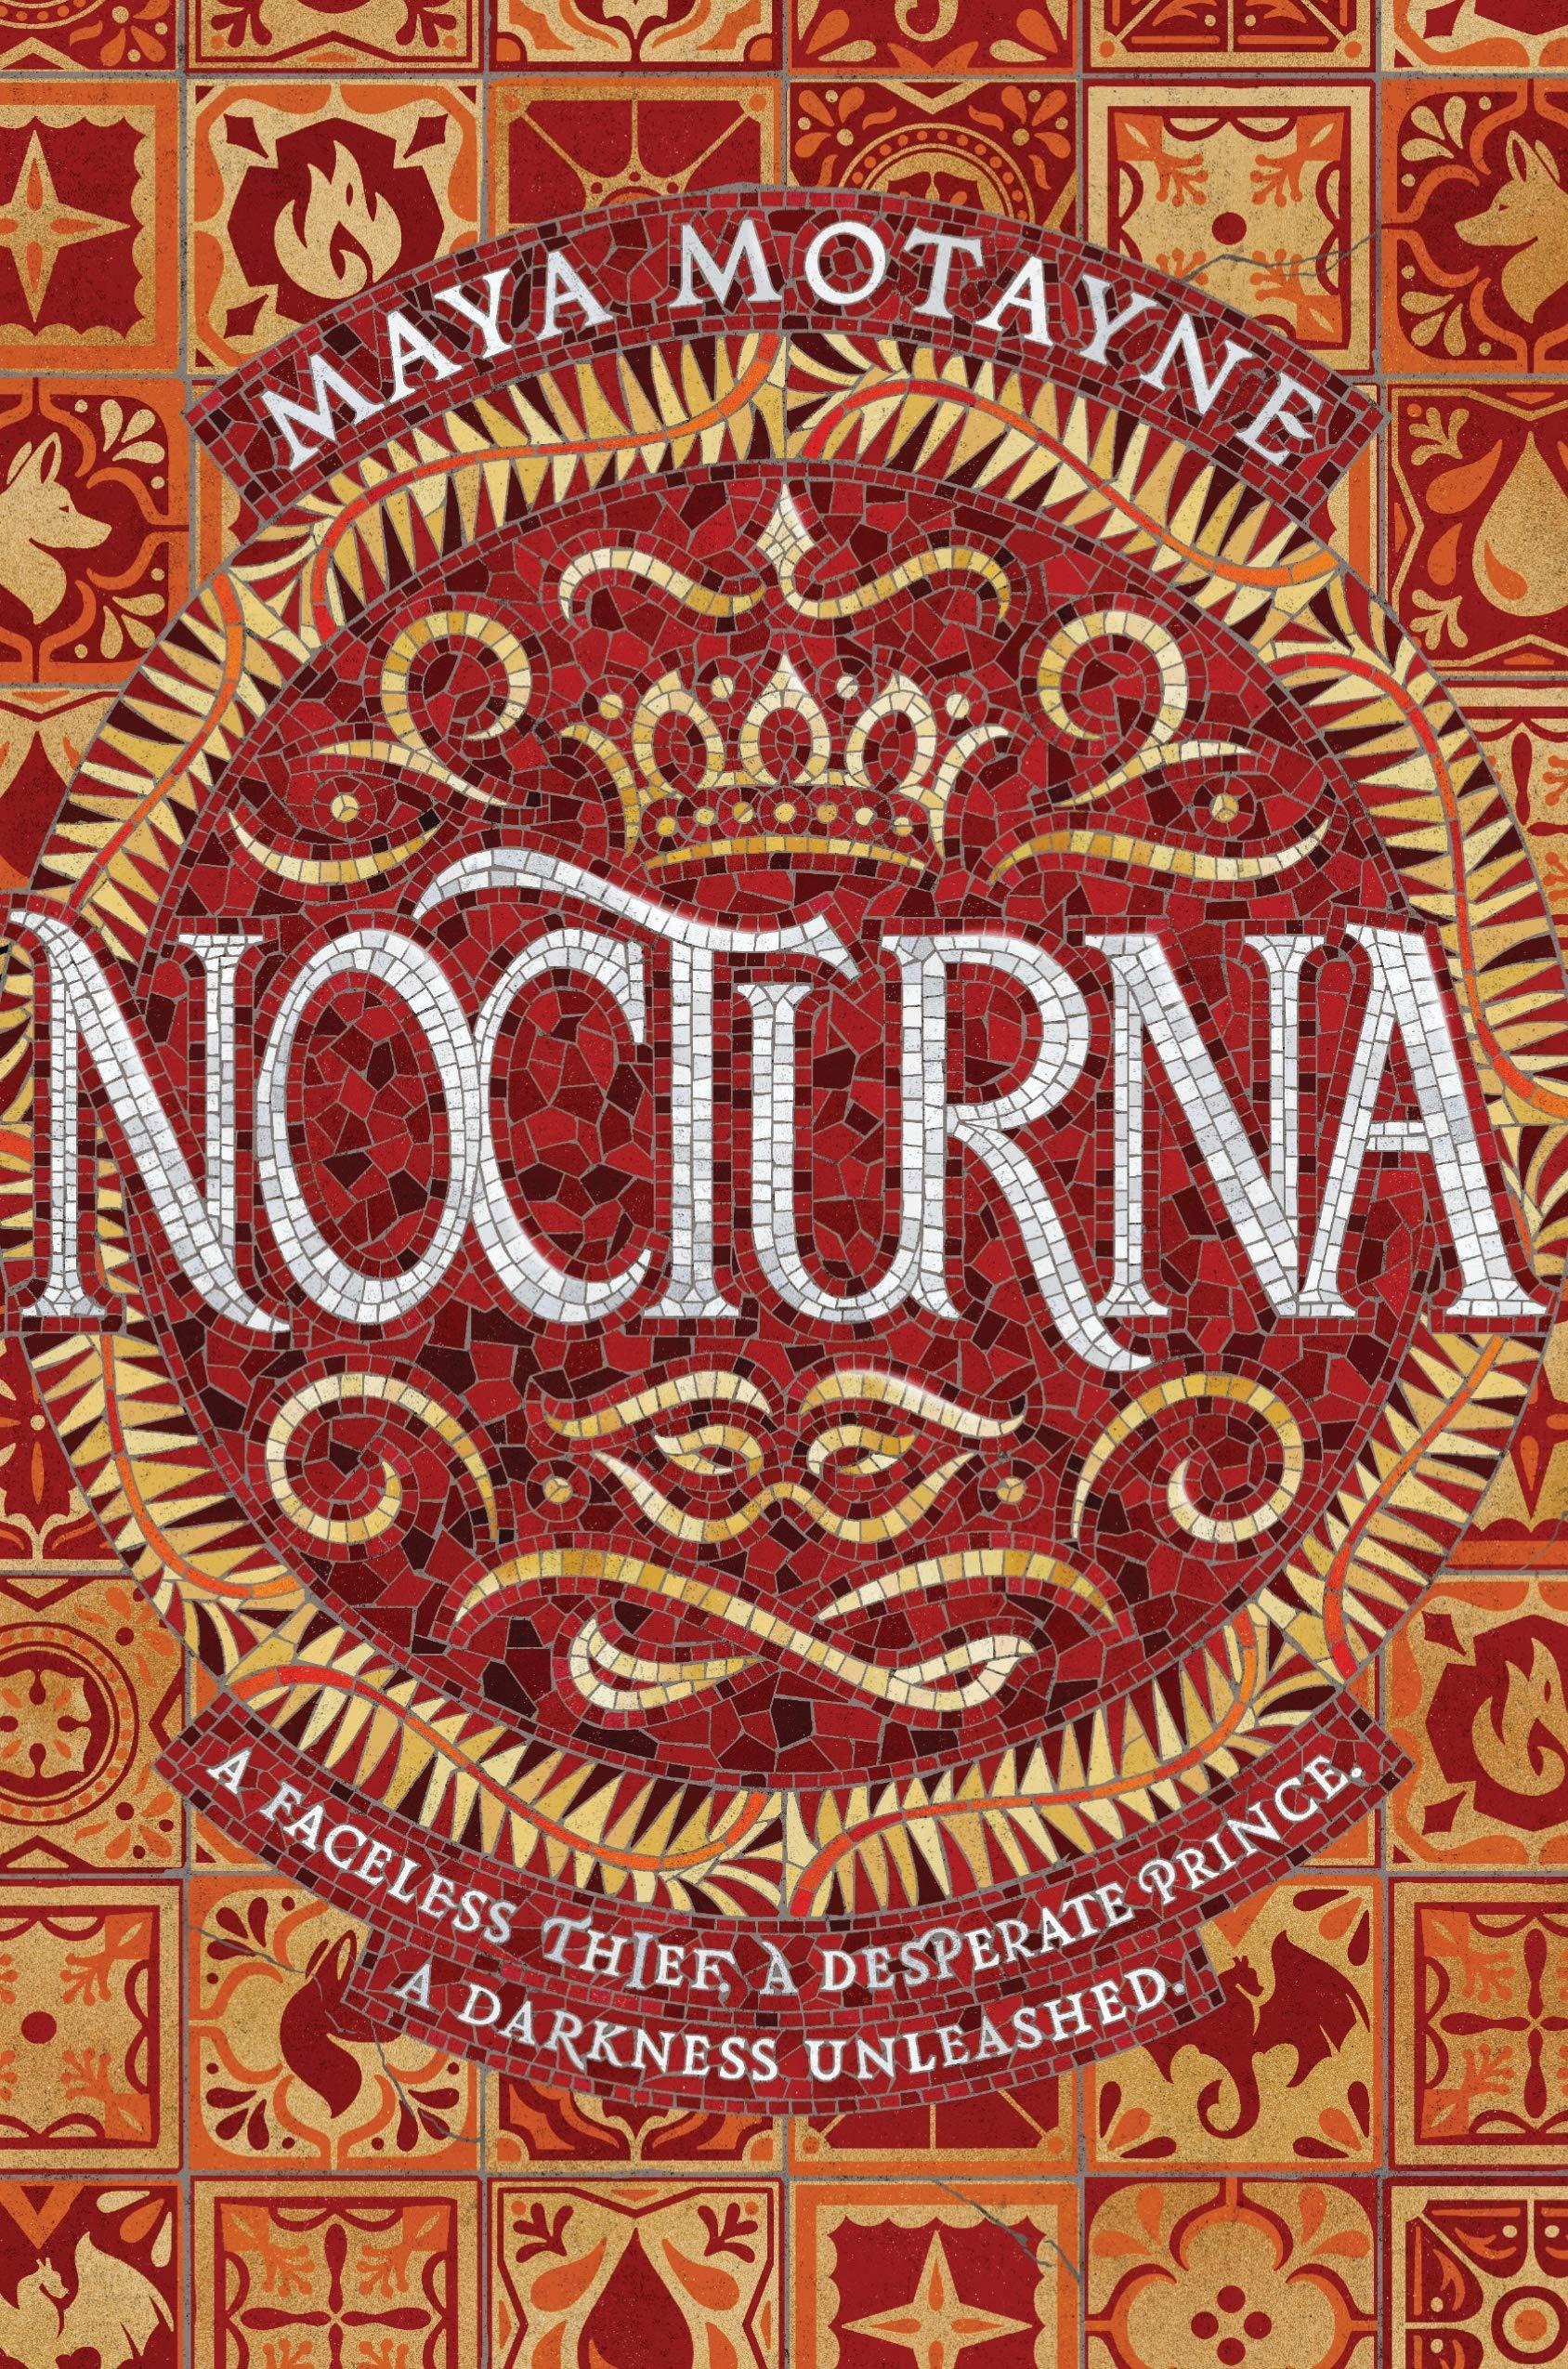 Nocturna: Amazon.co.uk: Motayne, Maya: 9781473675919: Books